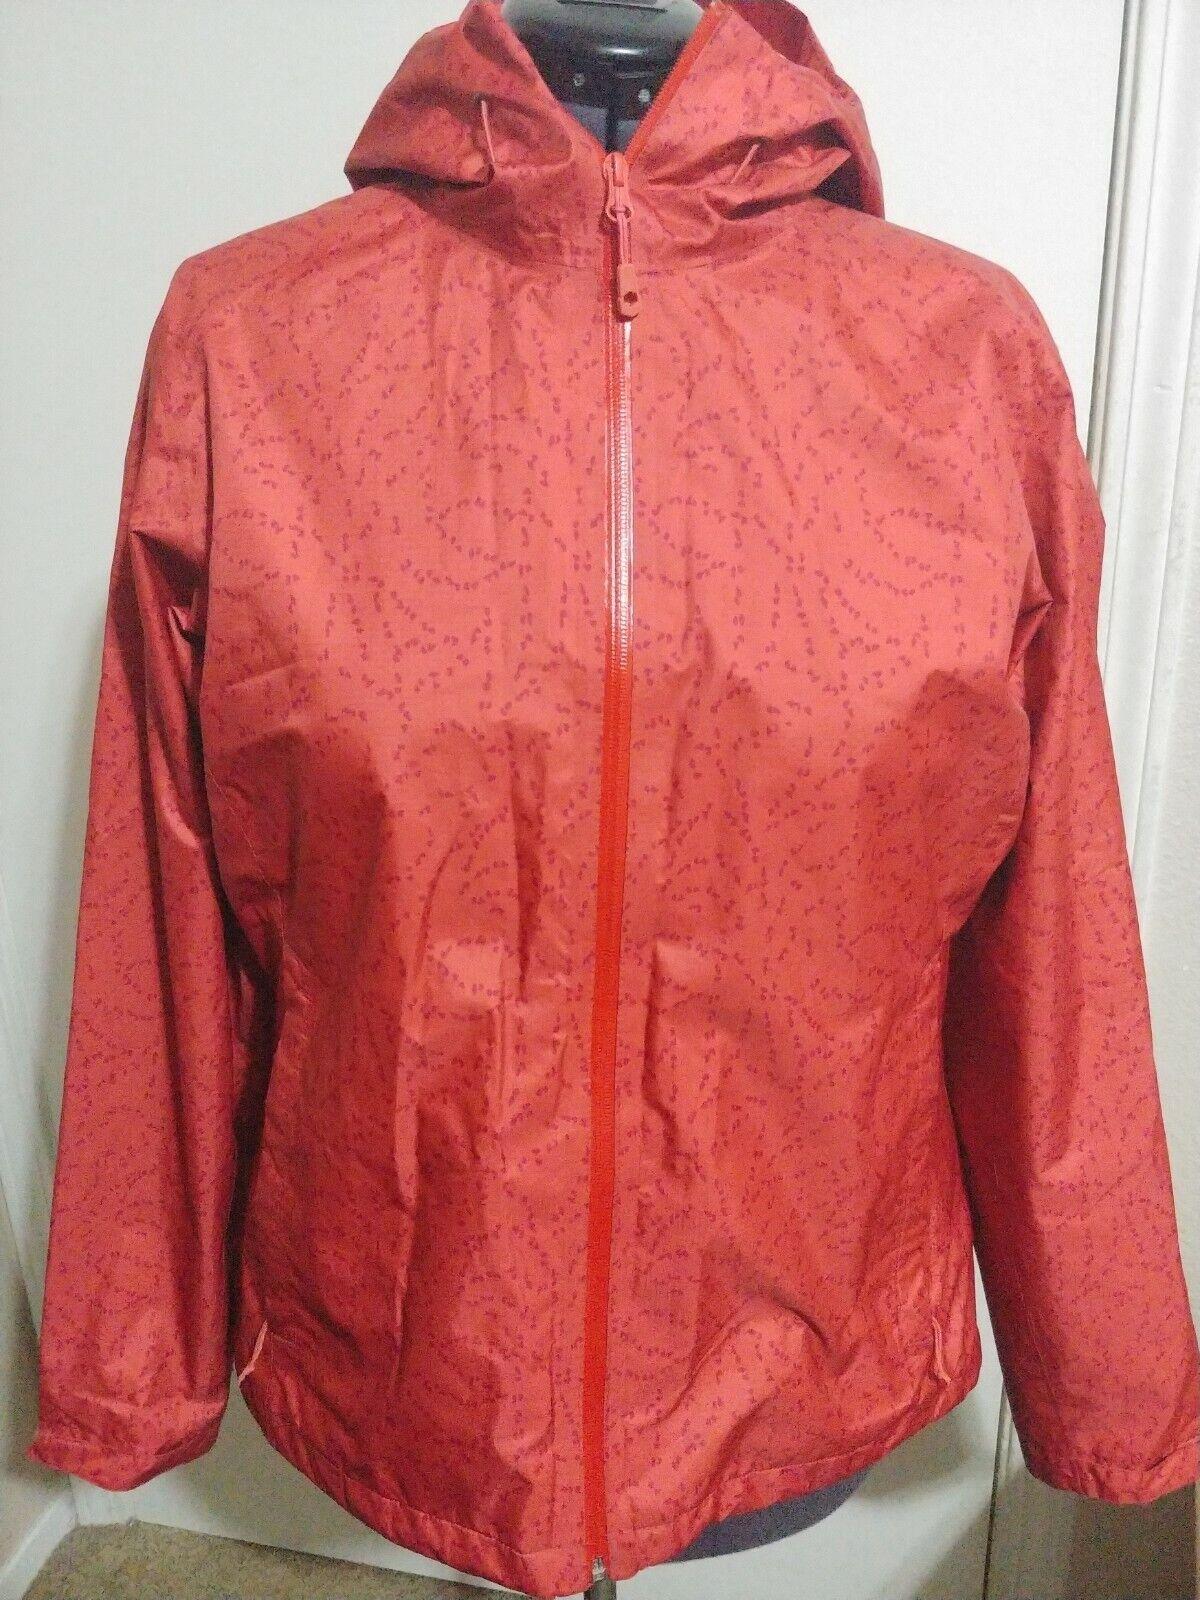 Women's Mountain Hard Wear Jacket Size L